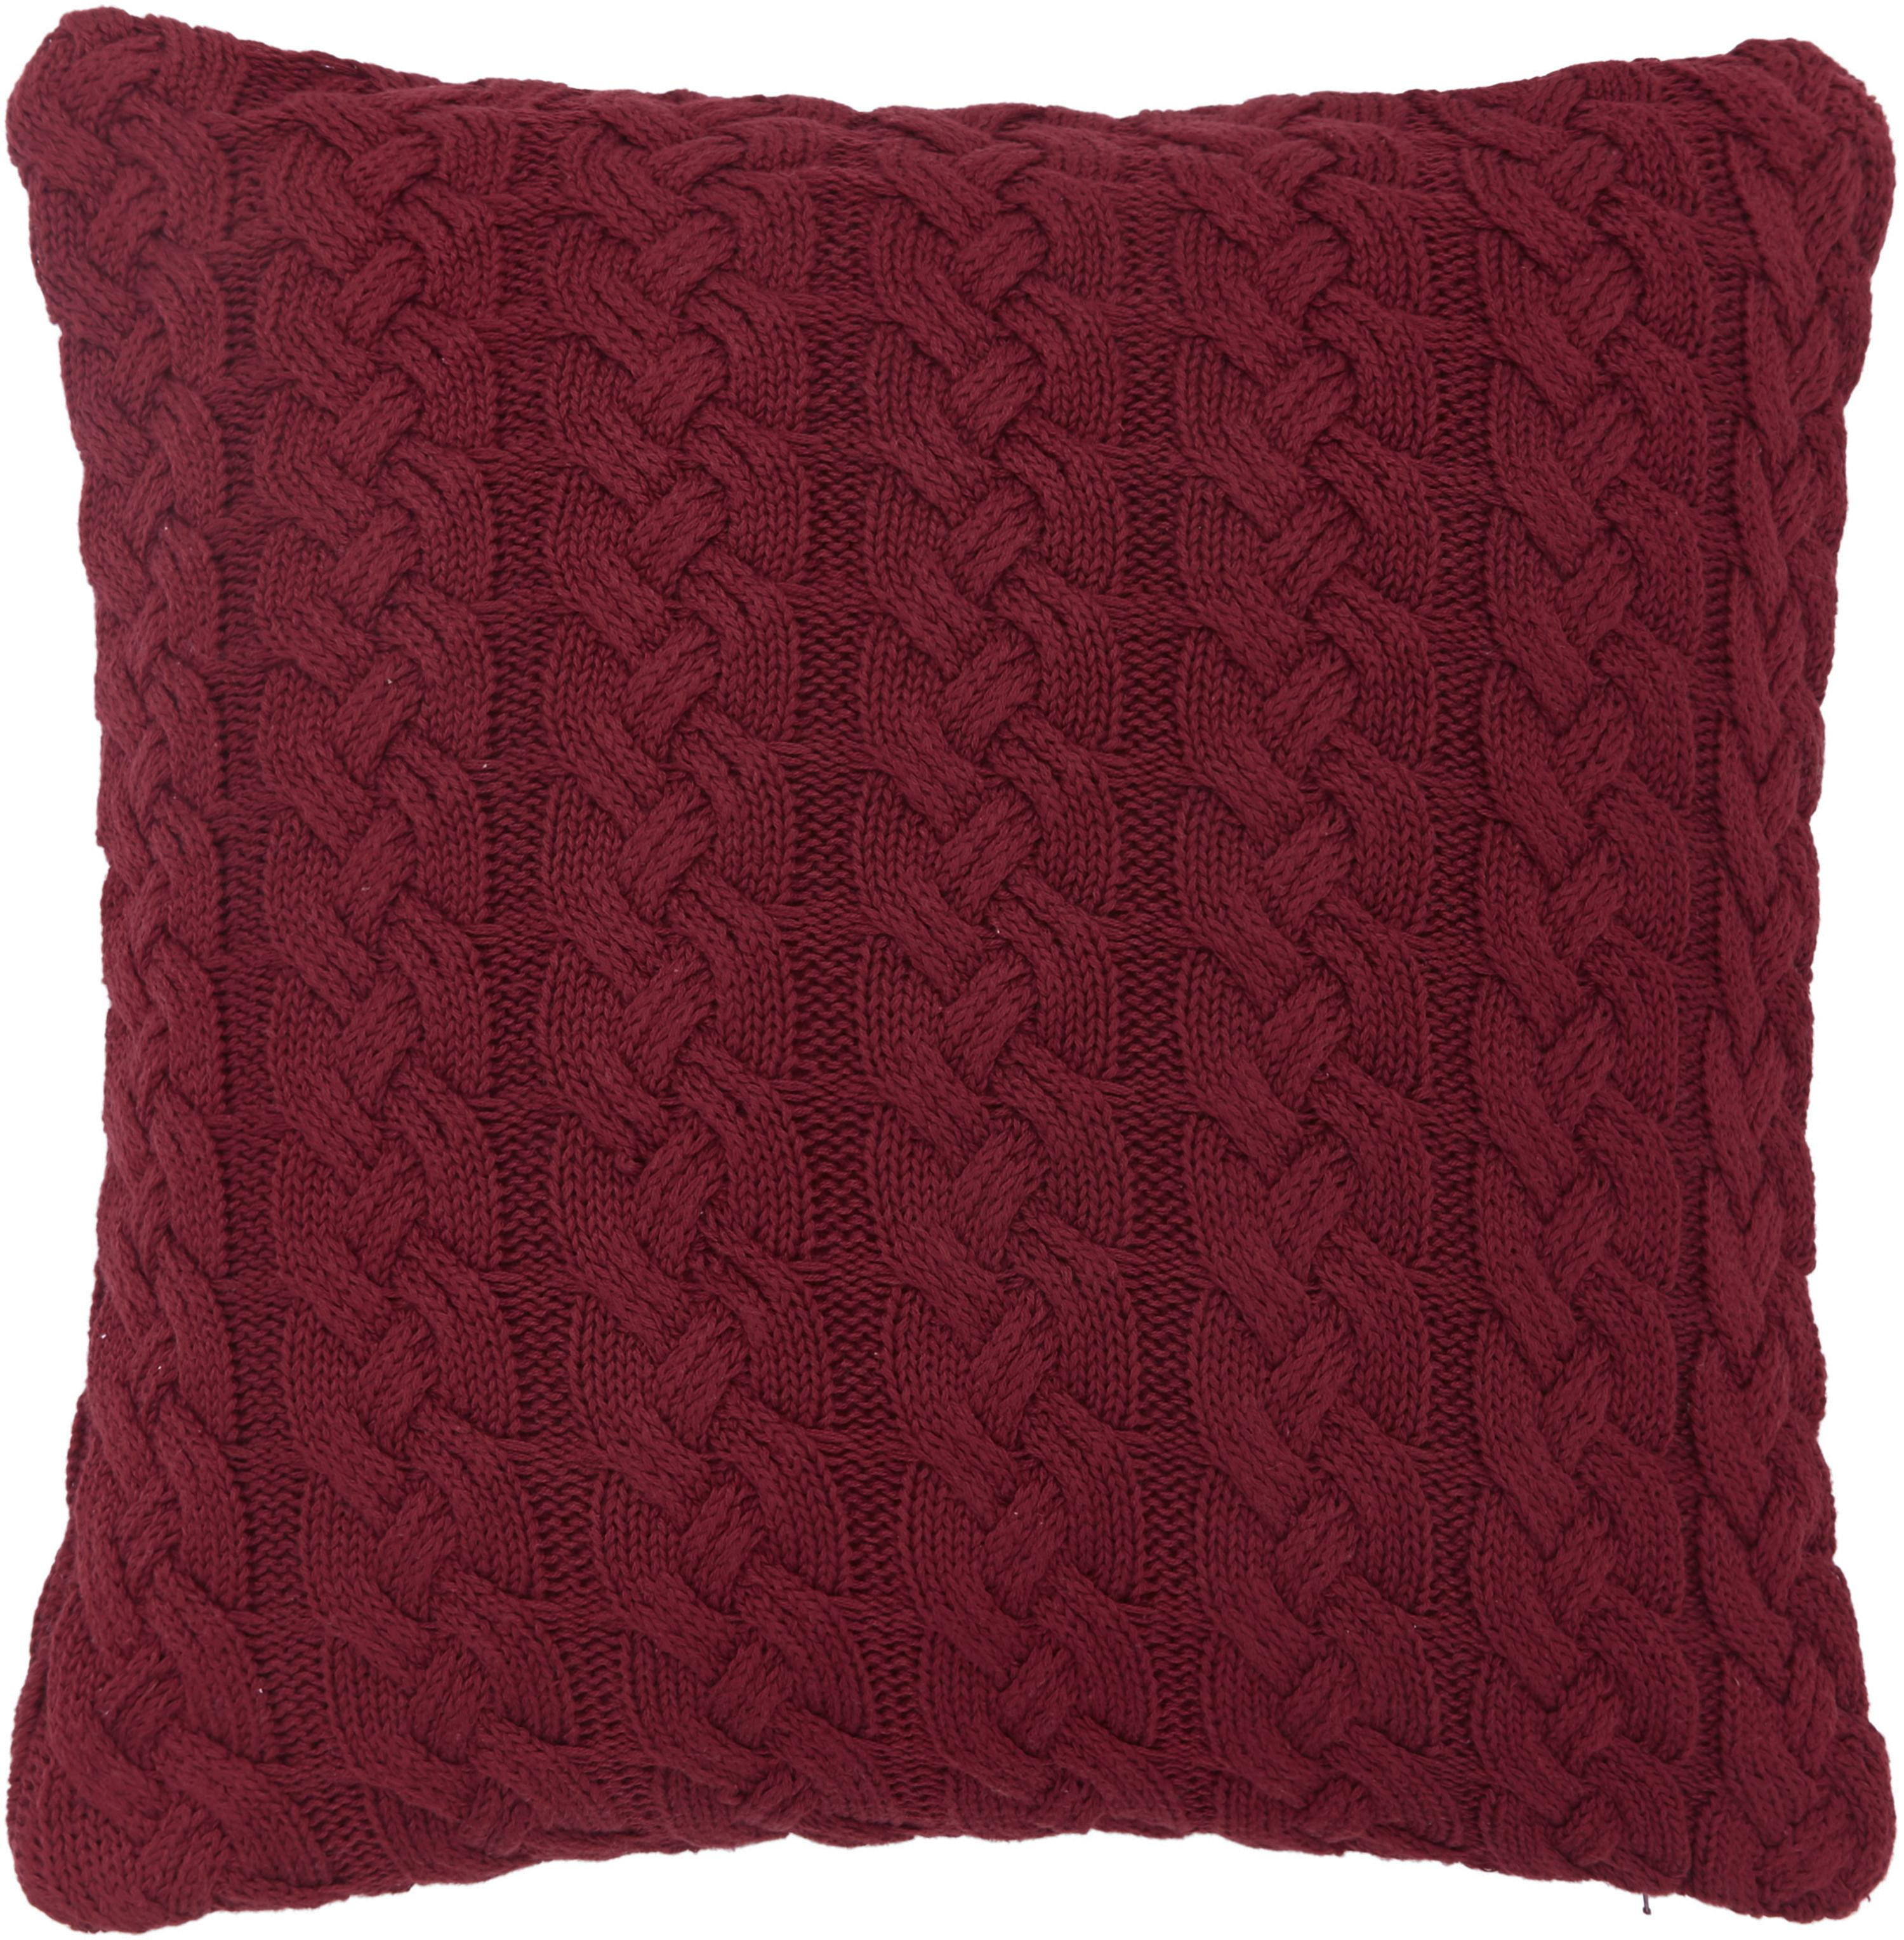 Federa arredo  fatta a maglia con motivo a trecce Caleb, 100% cotone, Rosso scuro, Larg. 40 x Lung. 40 cm